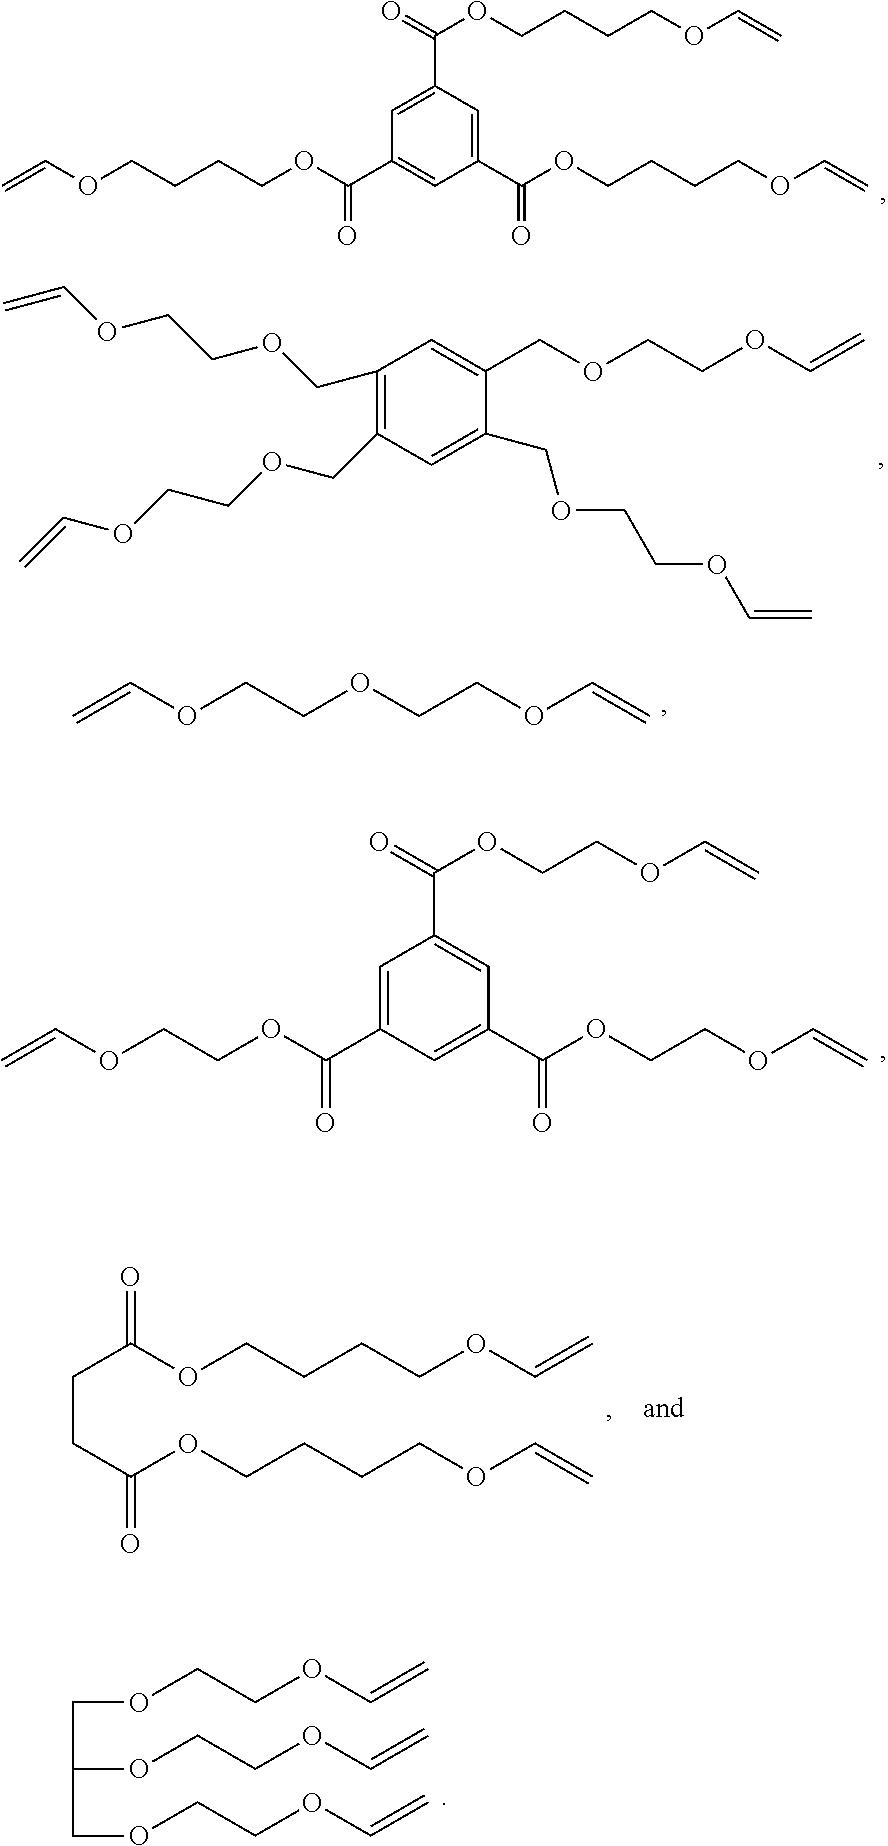 Figure US20110223524A1-20110915-C00008